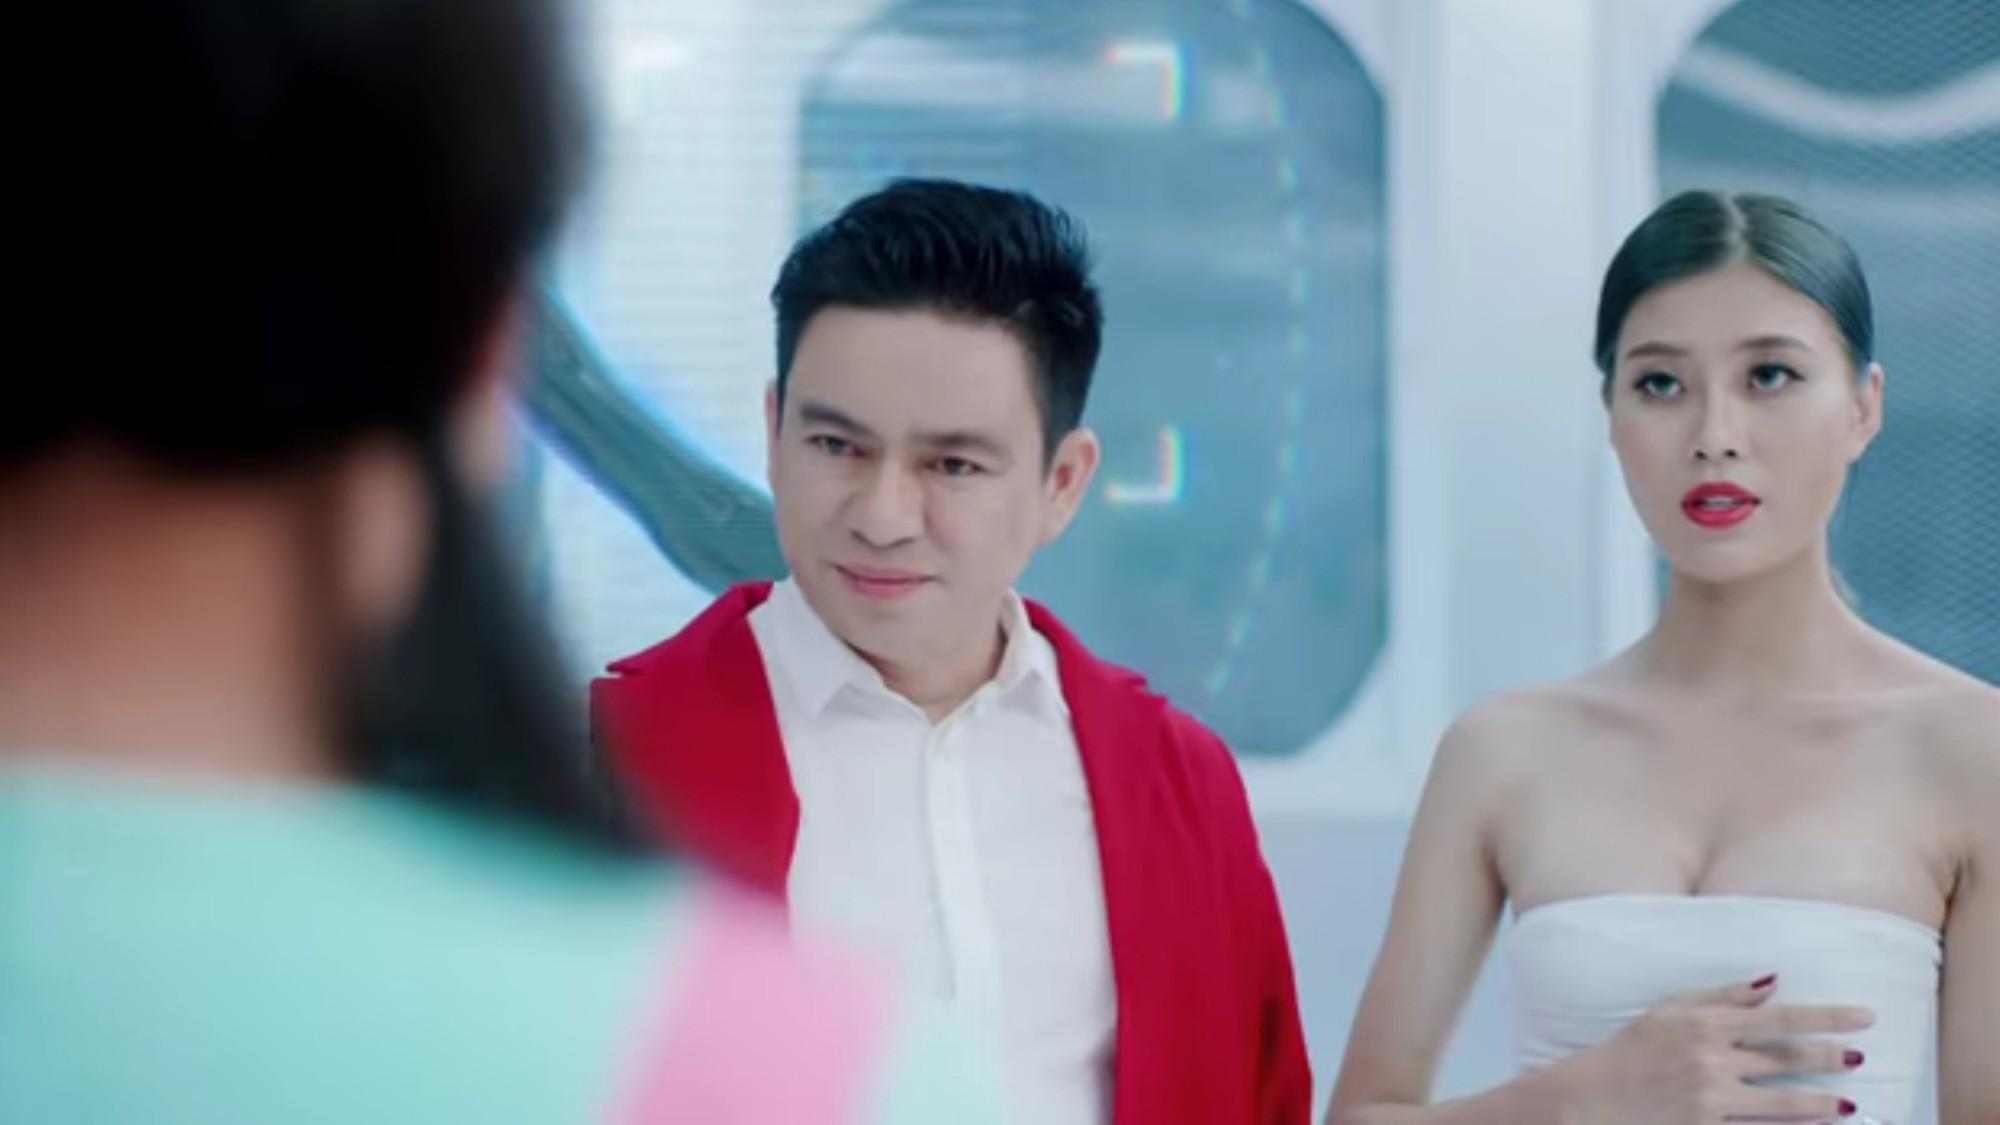 Hồ Ngọc Hà làm y tá cho Bác sĩ Chiêm Quốc Thái trong MV mới - Ảnh 2.